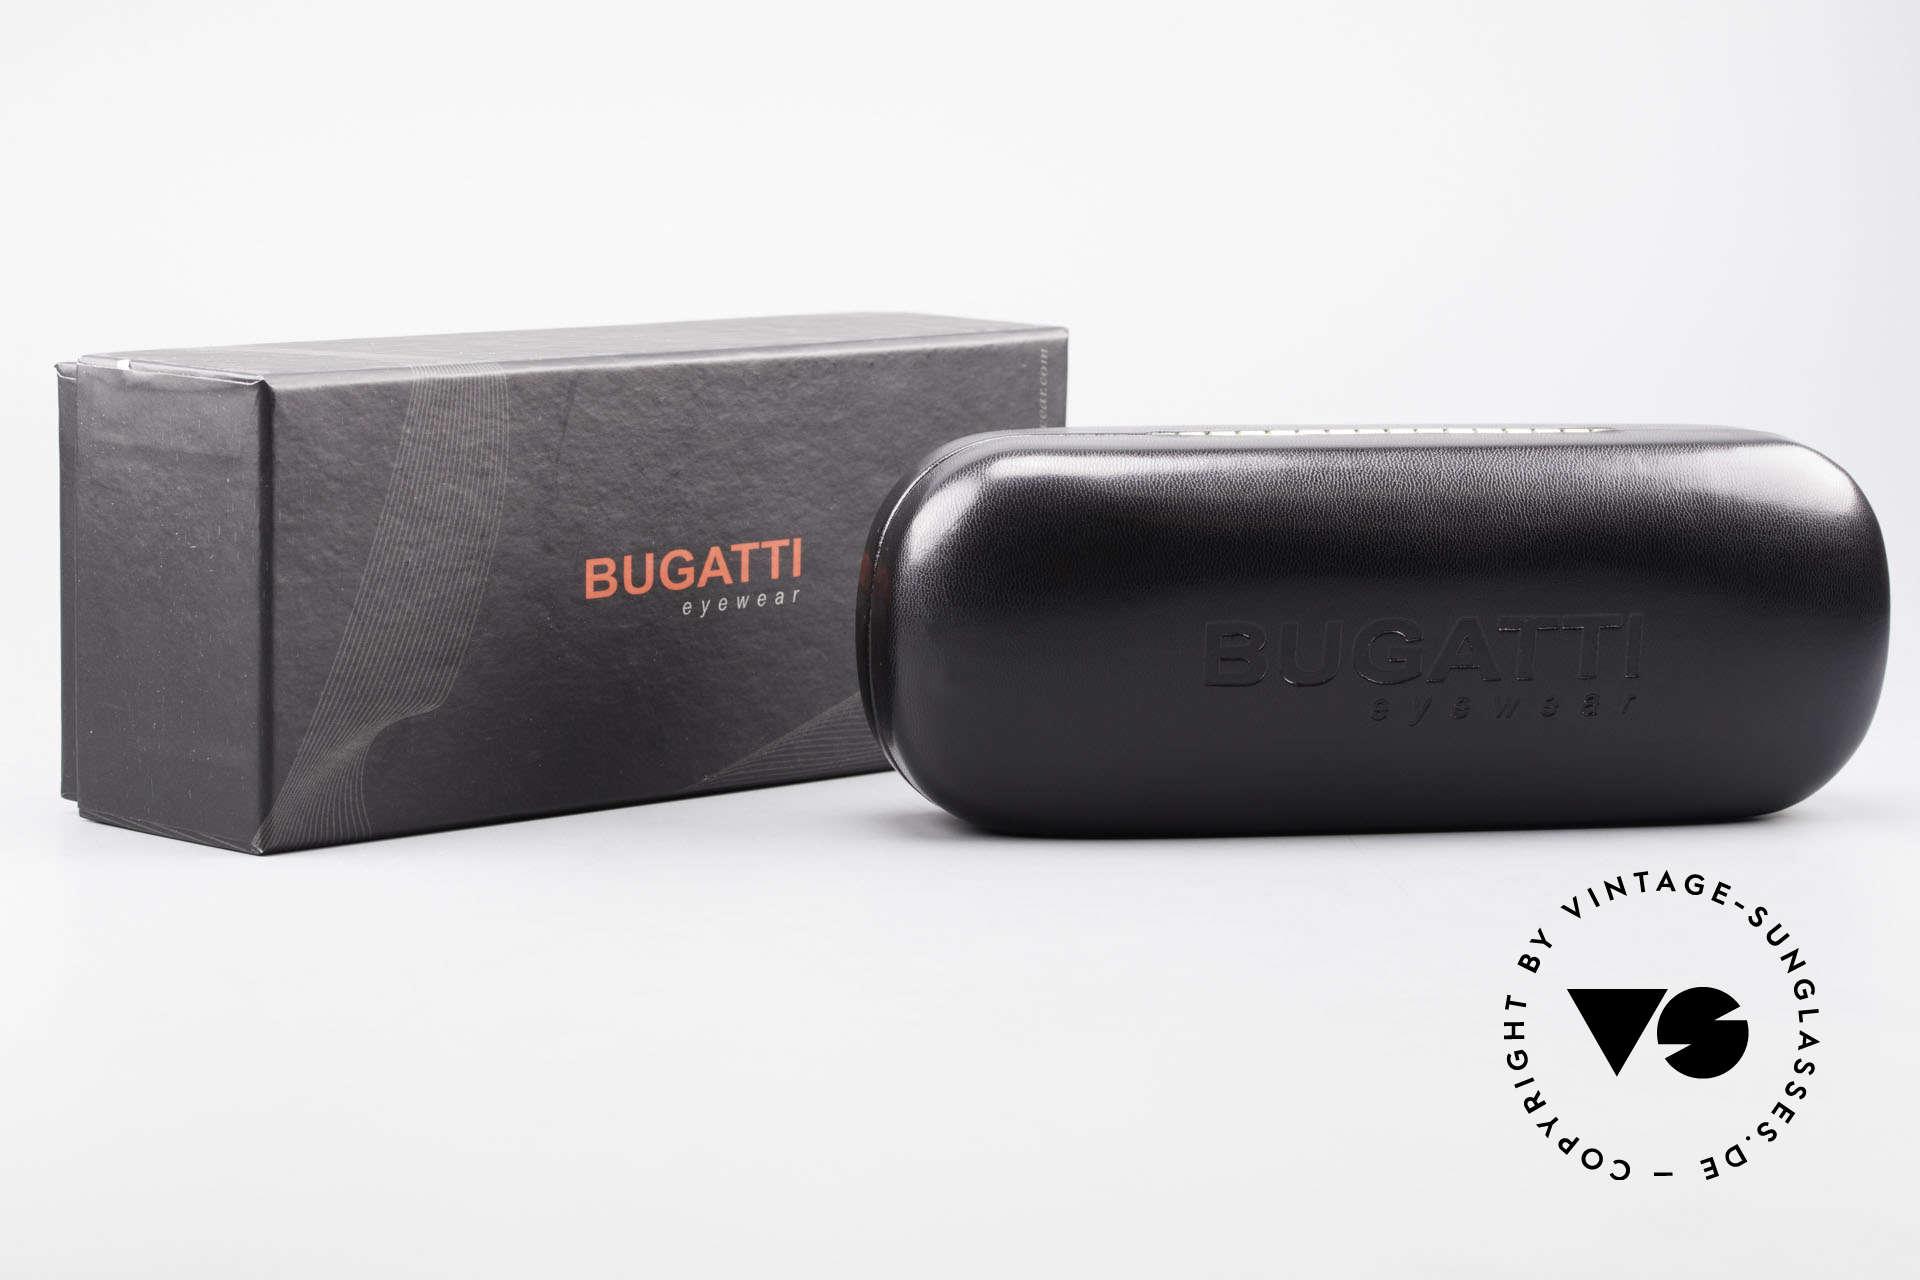 Bugatti 522 Palladium Ebenholz Titanbrille, Größe: medium, Passend für Herren